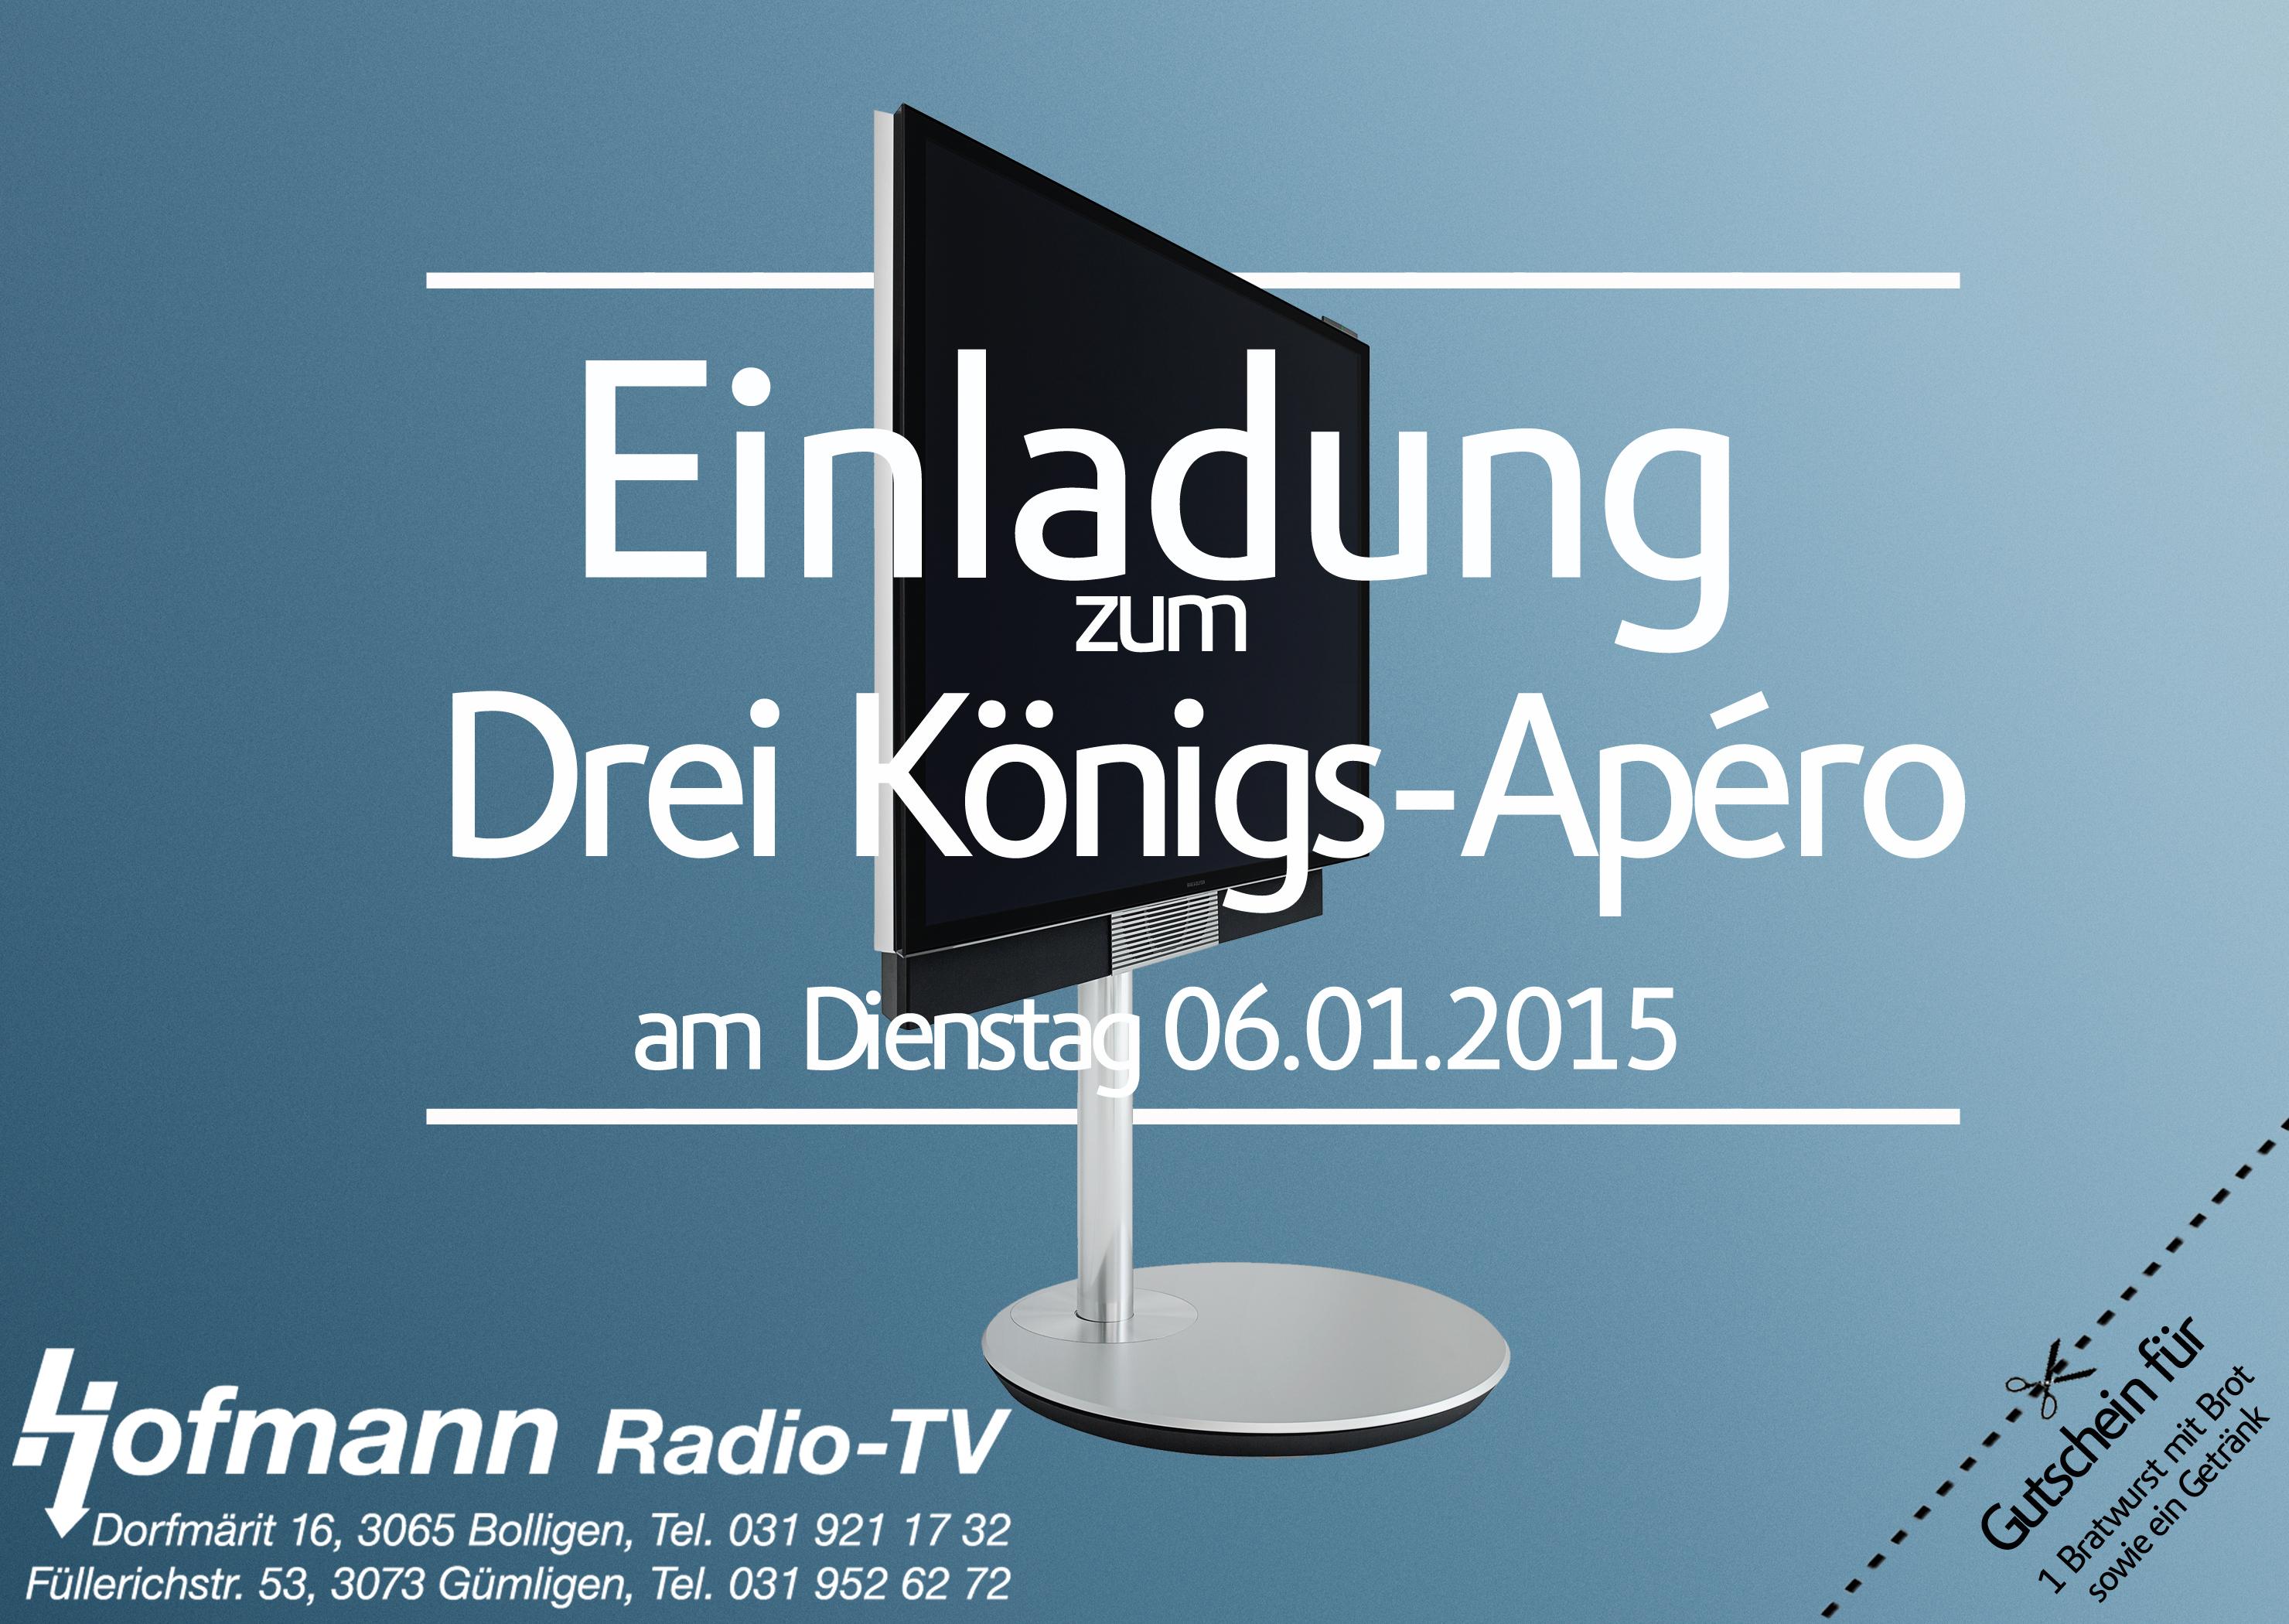 EINLADUNG ZUM DREI-KÖNIGS-APÉRO 2016